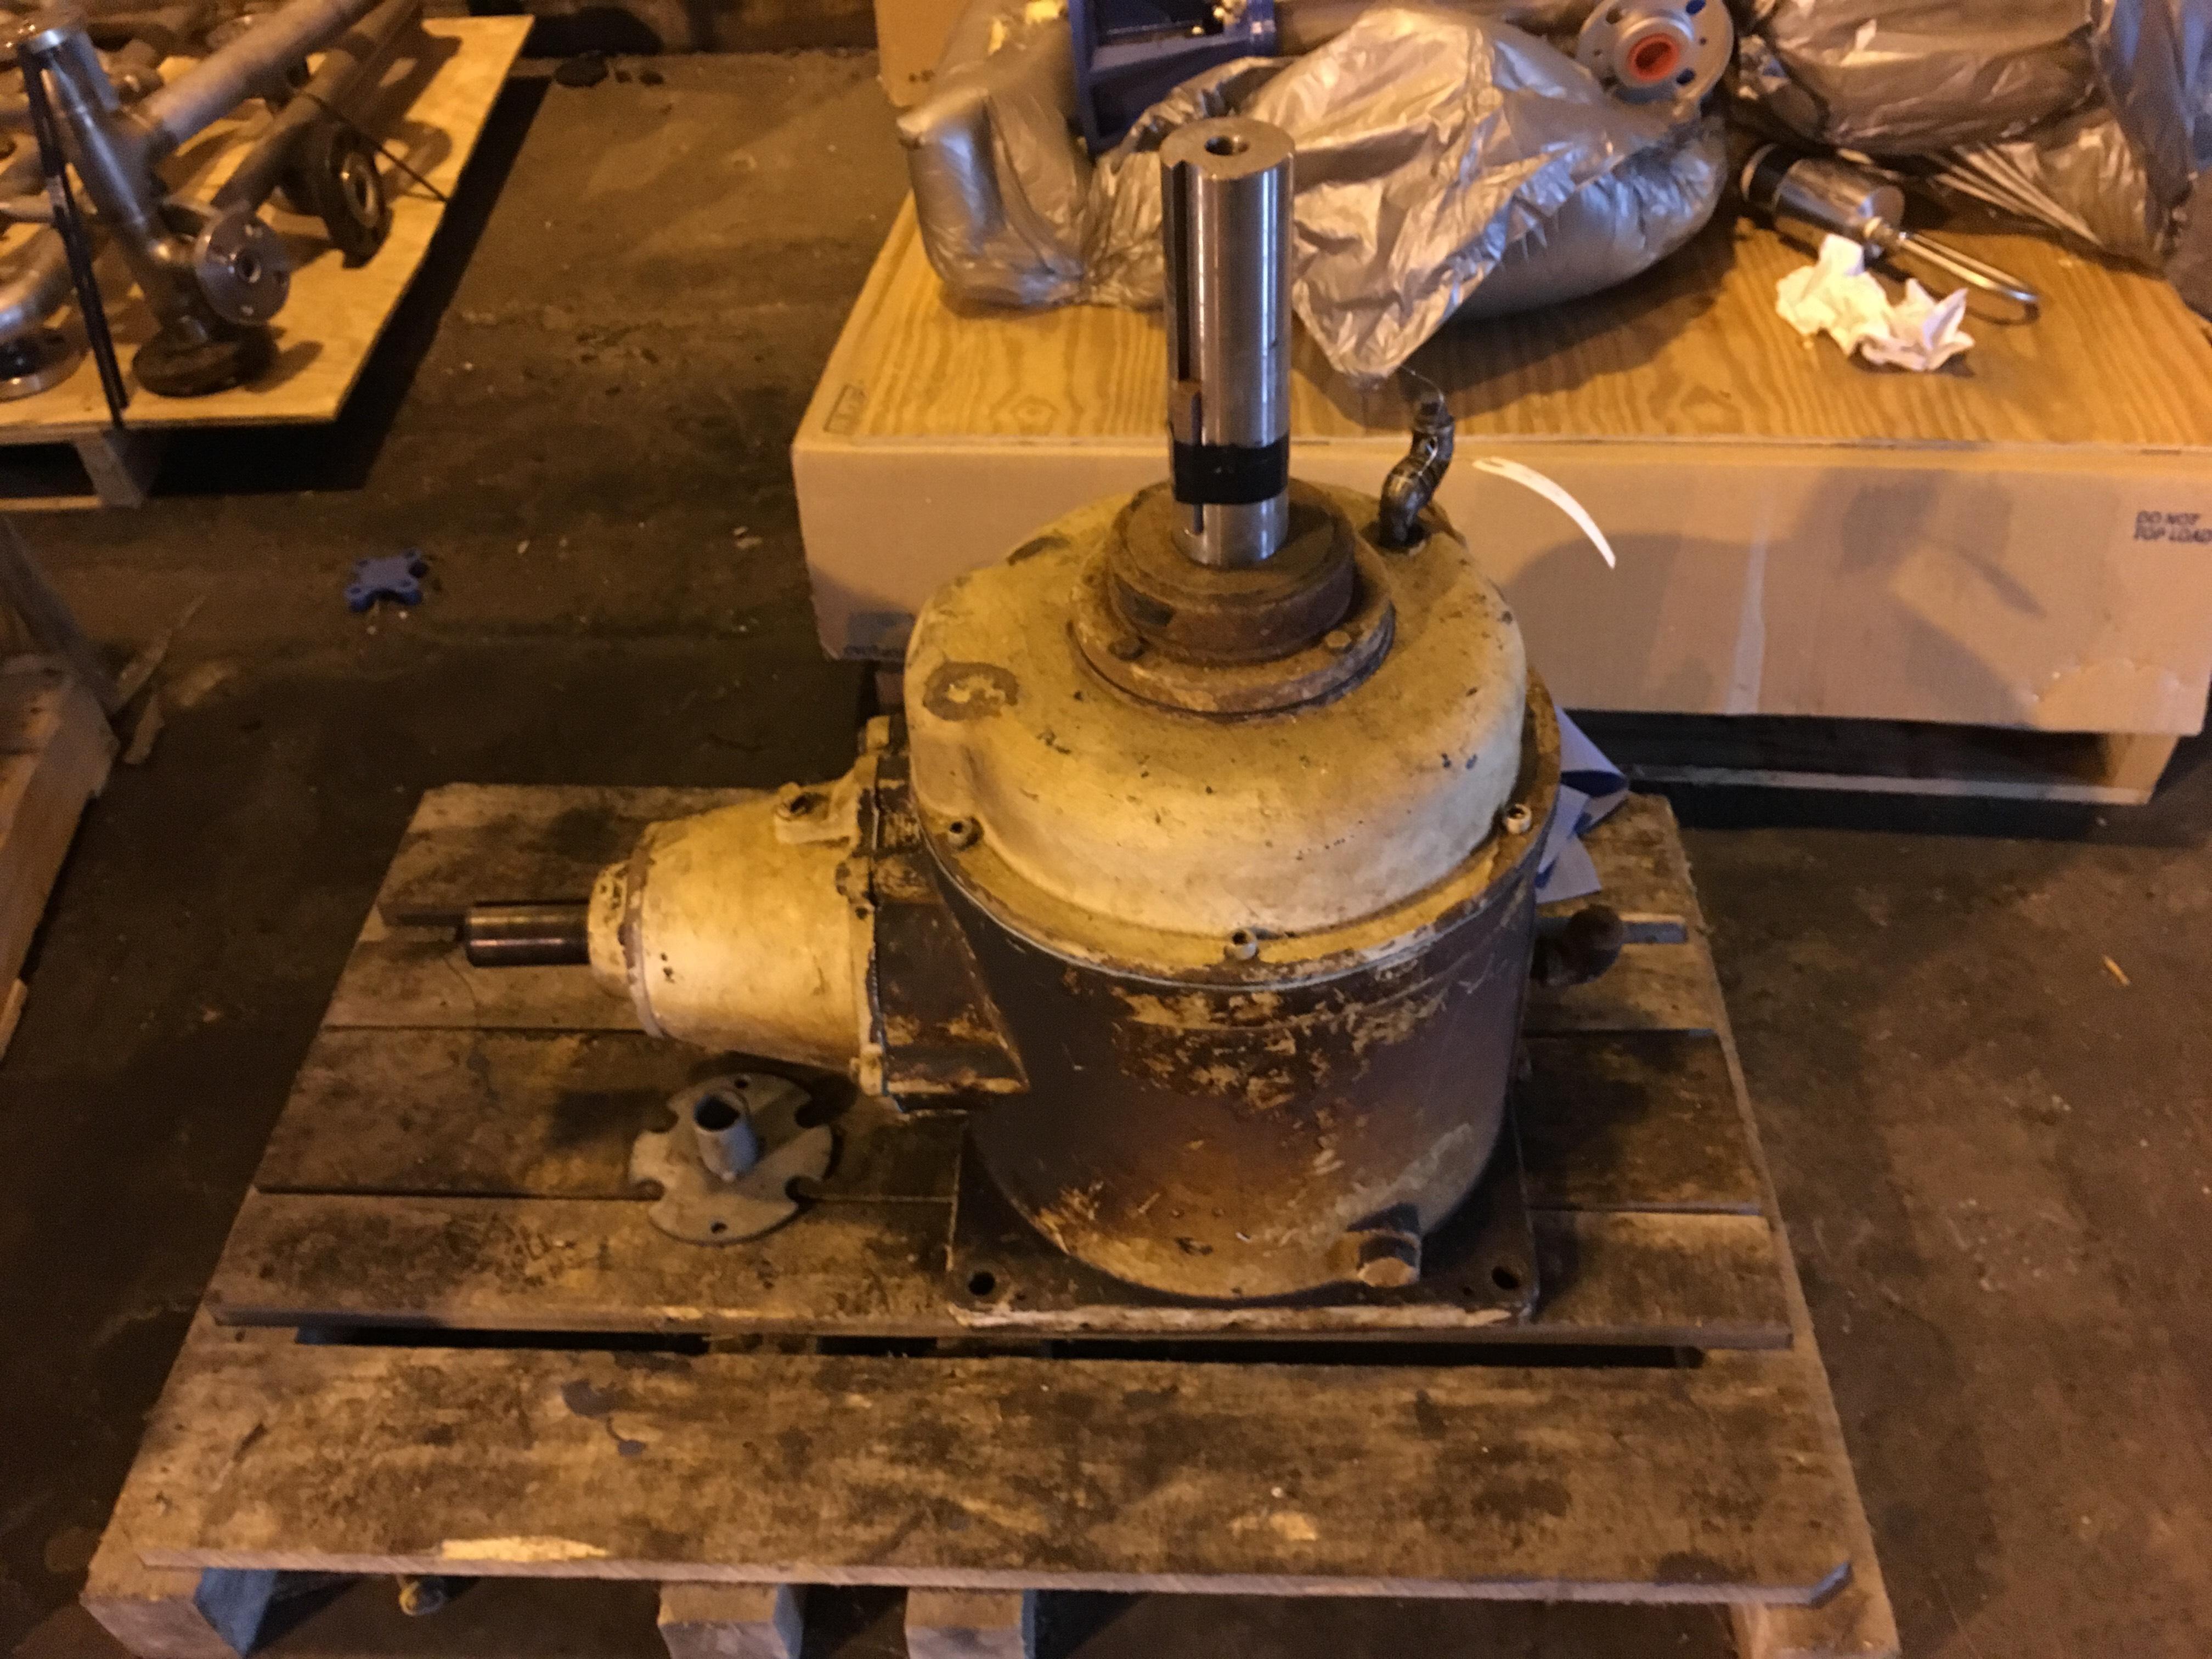 Lot 29D - Right angle gear box, 65 HP, 6:1 ratio, Amarillo Gear Co.